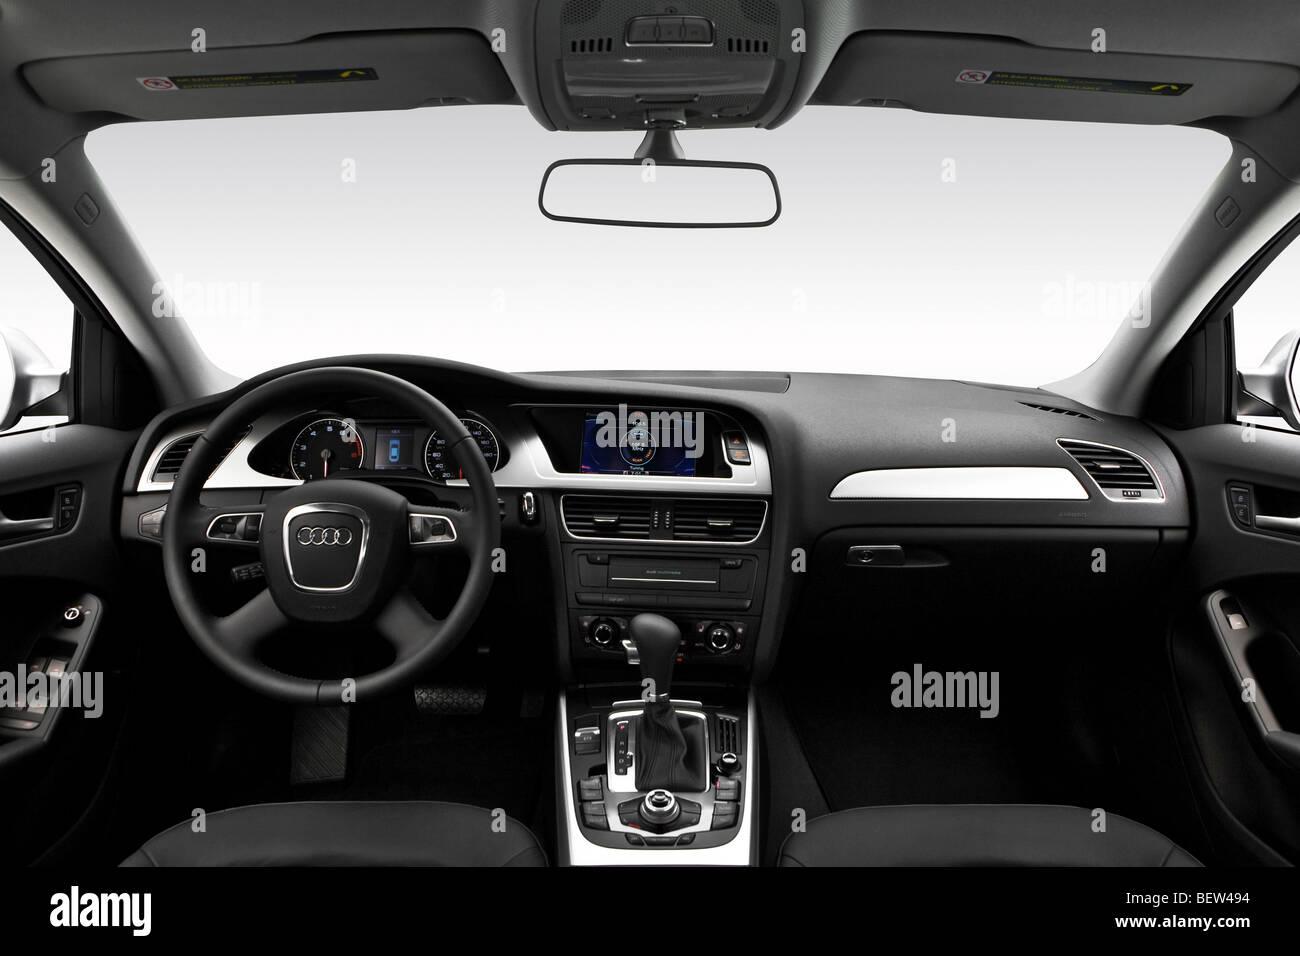 Armaturenbrett audi  2010 Audi A4 2.0 t in grau - Armaturenbrett, Mittelkonsole, Getriebe ...